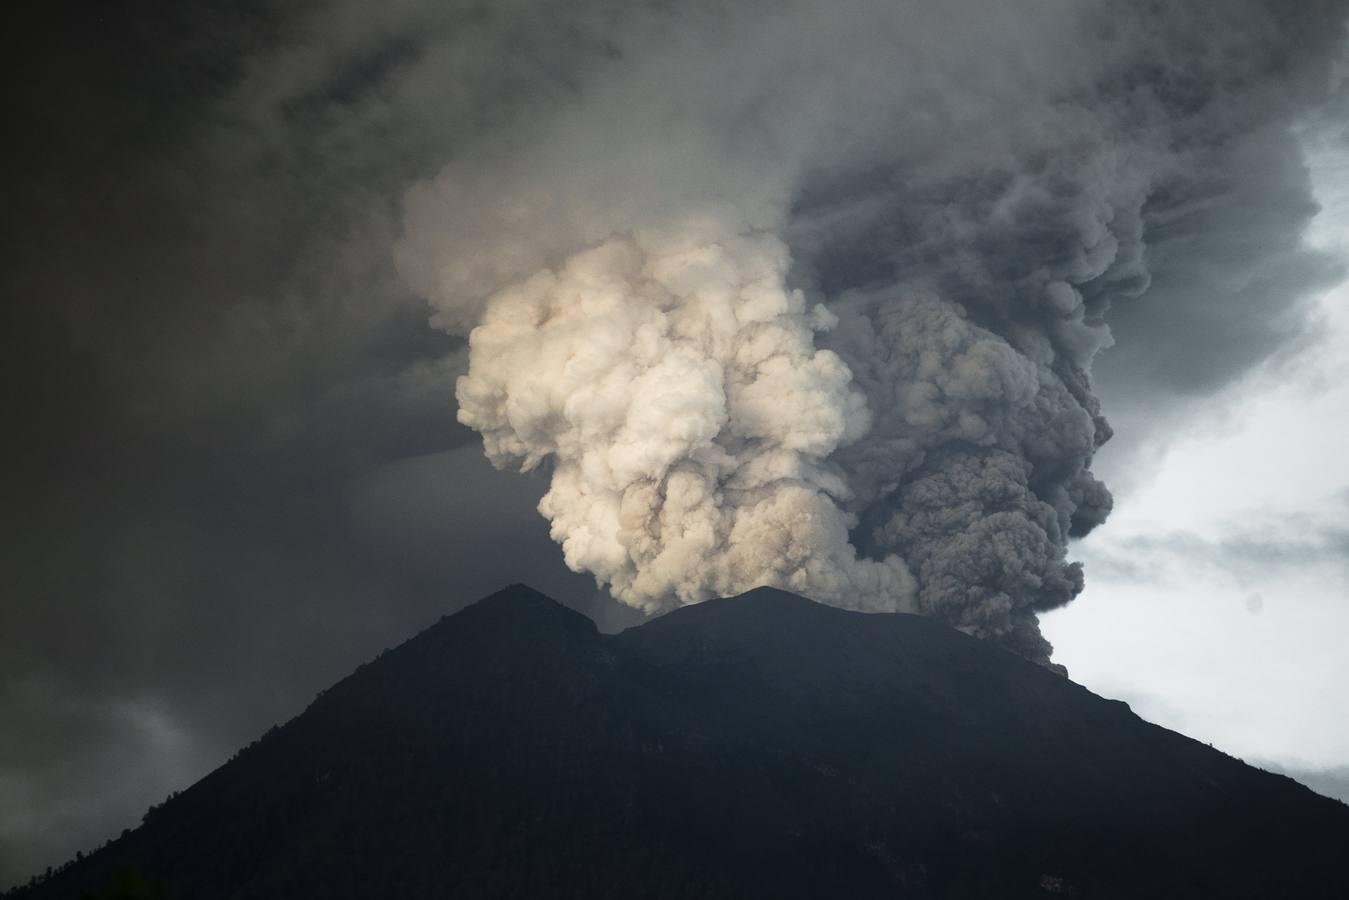 La erupción del volcán Agung en la isla de Bali